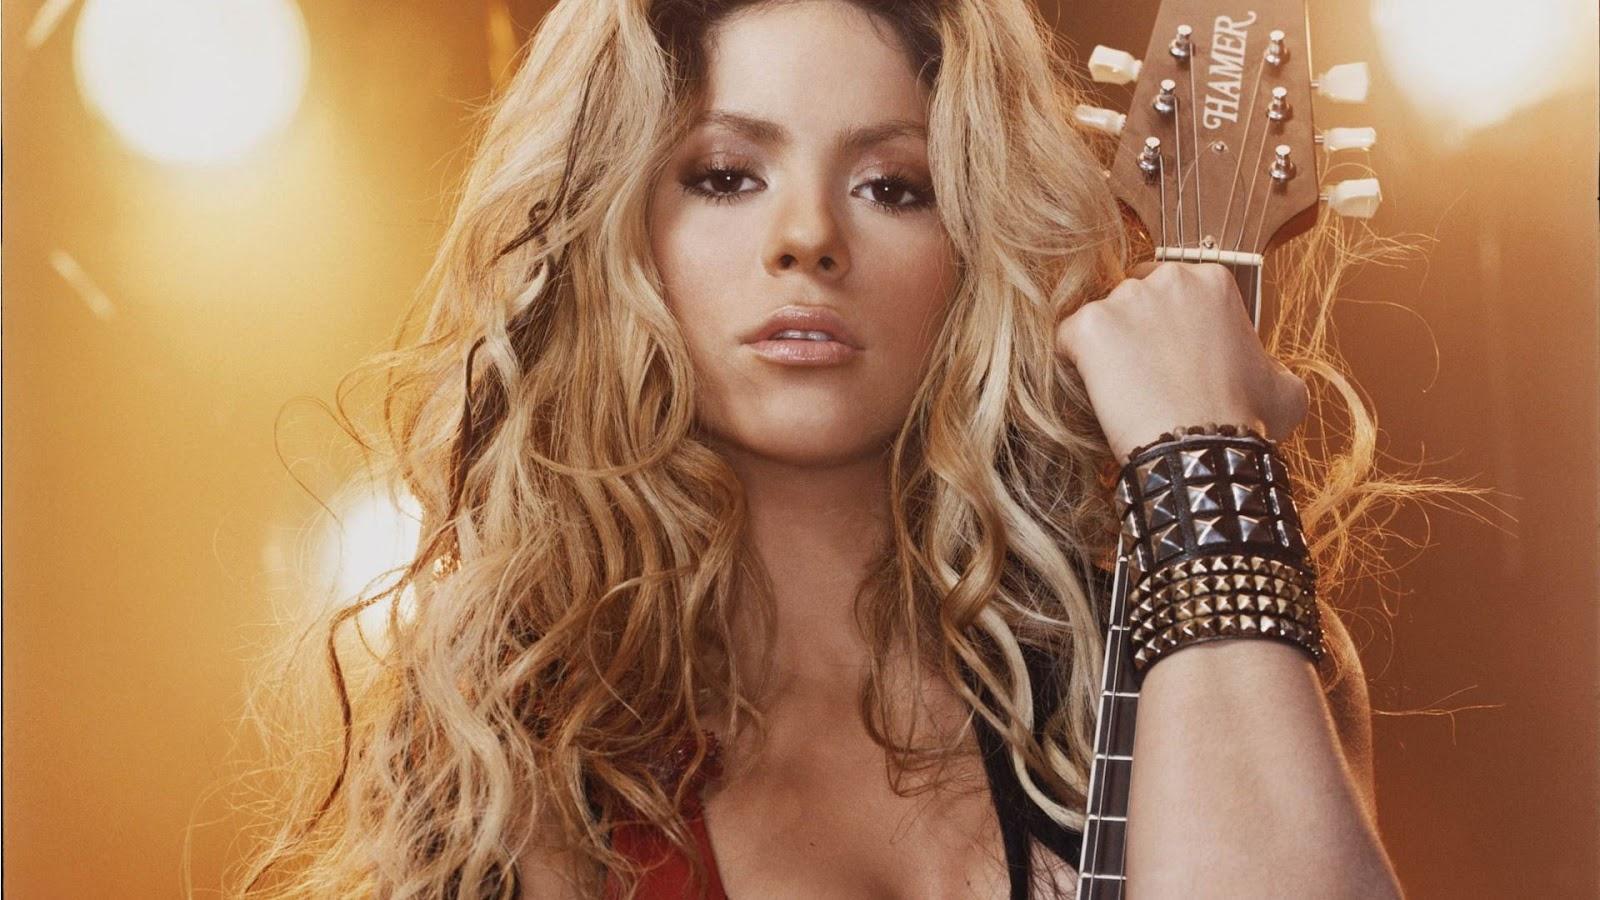 http://2.bp.blogspot.com/-ELb8TbV29CA/Tz_1FeHZ_SI/AAAAAAAADT8/ZEf5qC58CLg/s1600/super+shakira+with+a+guitar.jpg